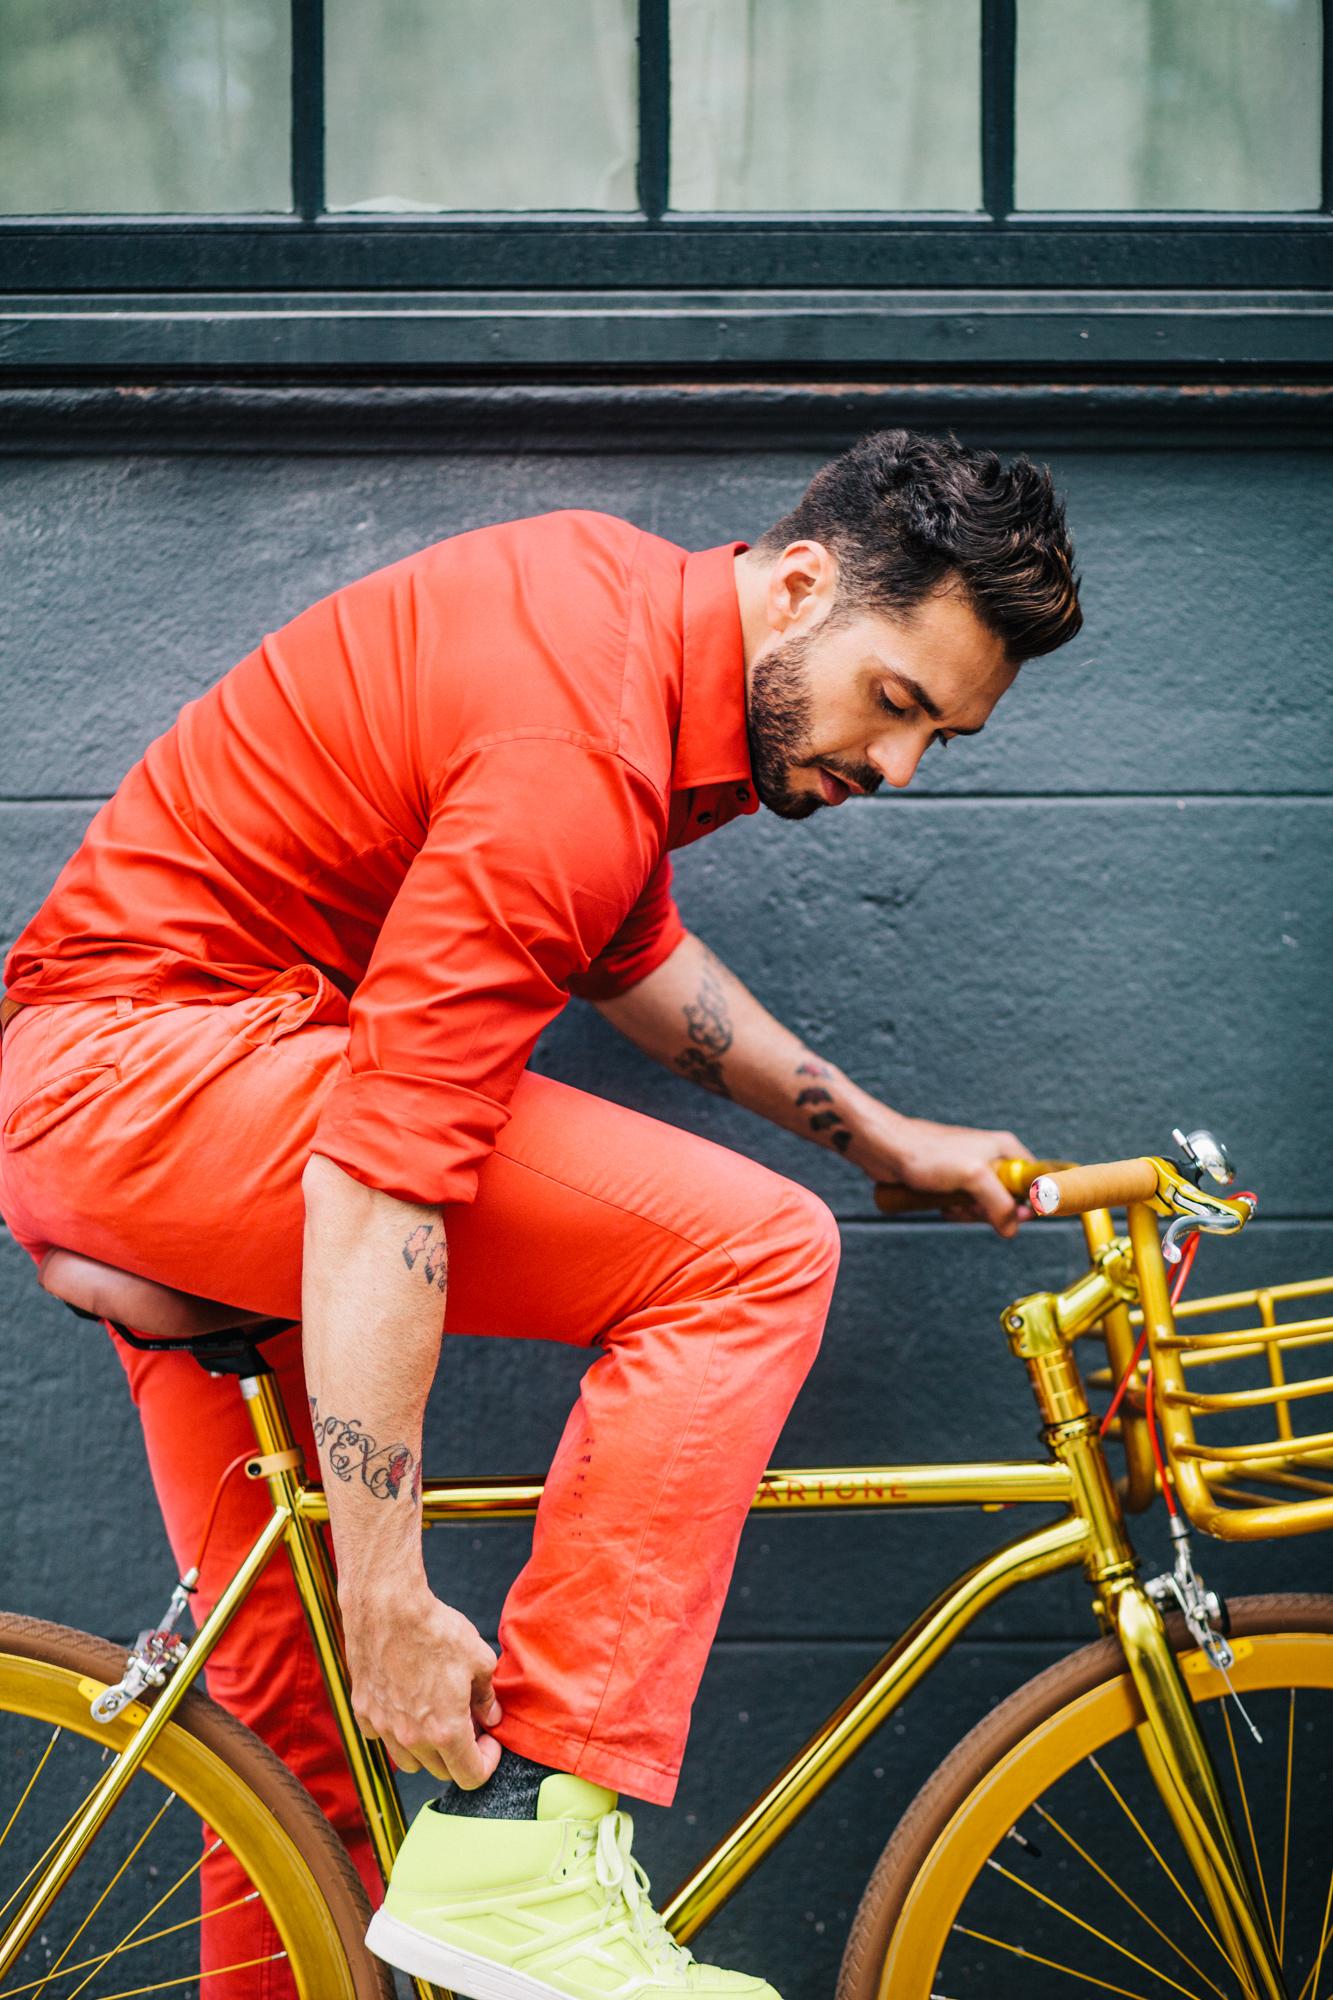 bikestyle-6.jpg